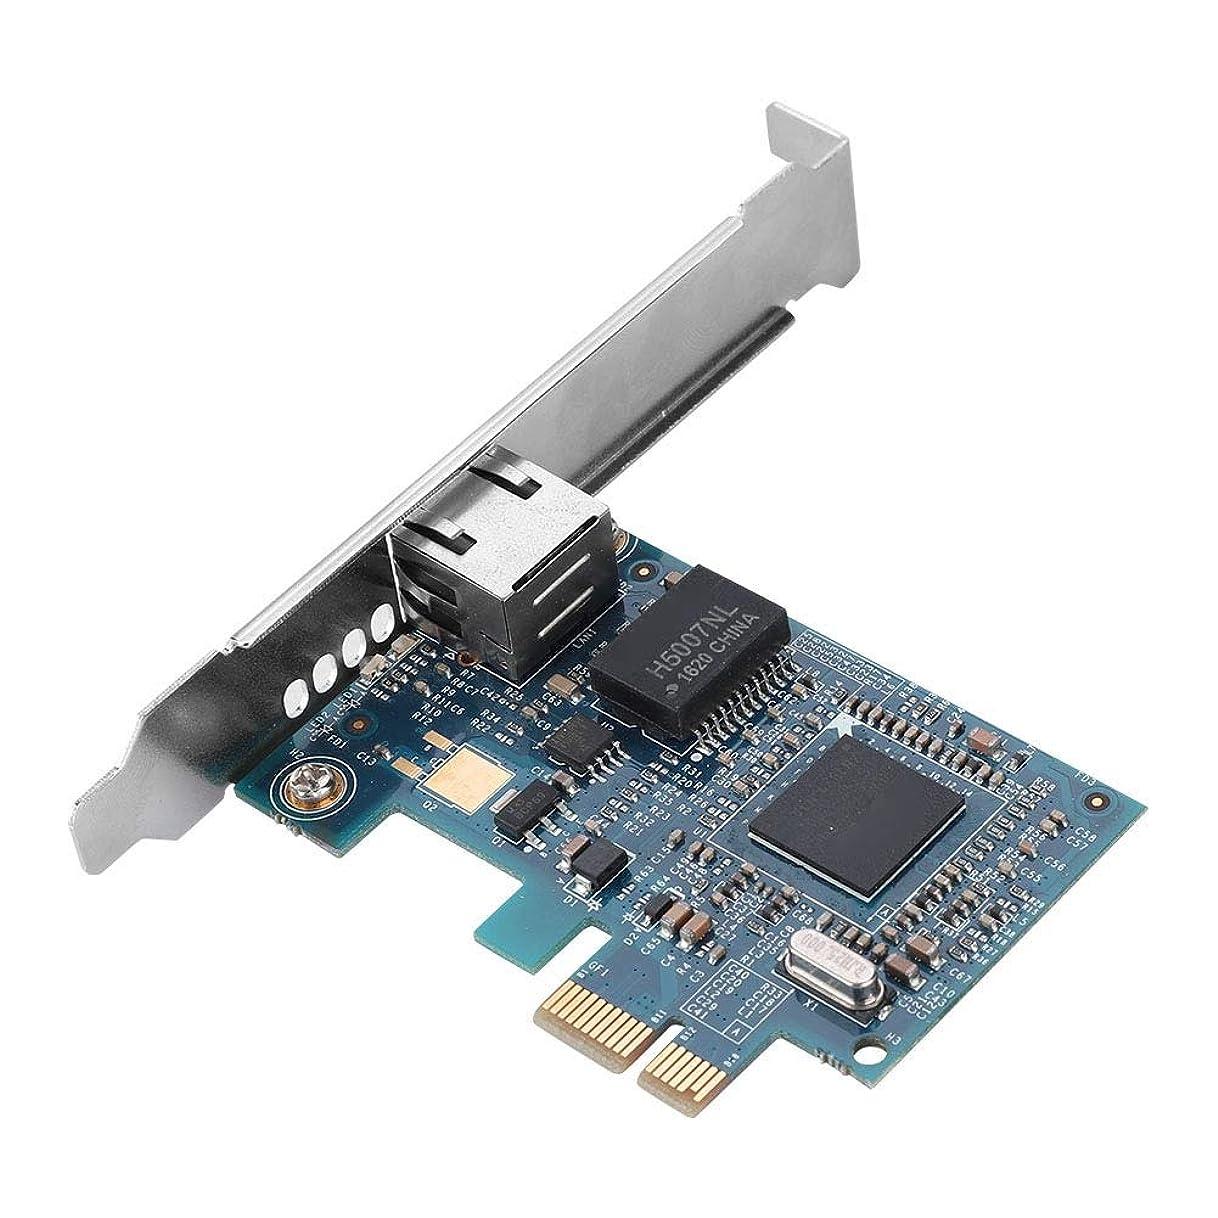 熟達根絶する列車Richer-R ネットワークカード Broadcom BCM5751 10/100 / 1000M PCI-E高速イーサネットネットワークアダプタ デスクトップネットワークカード 複数システムサポート Windows 7/8/10/LINUX適用